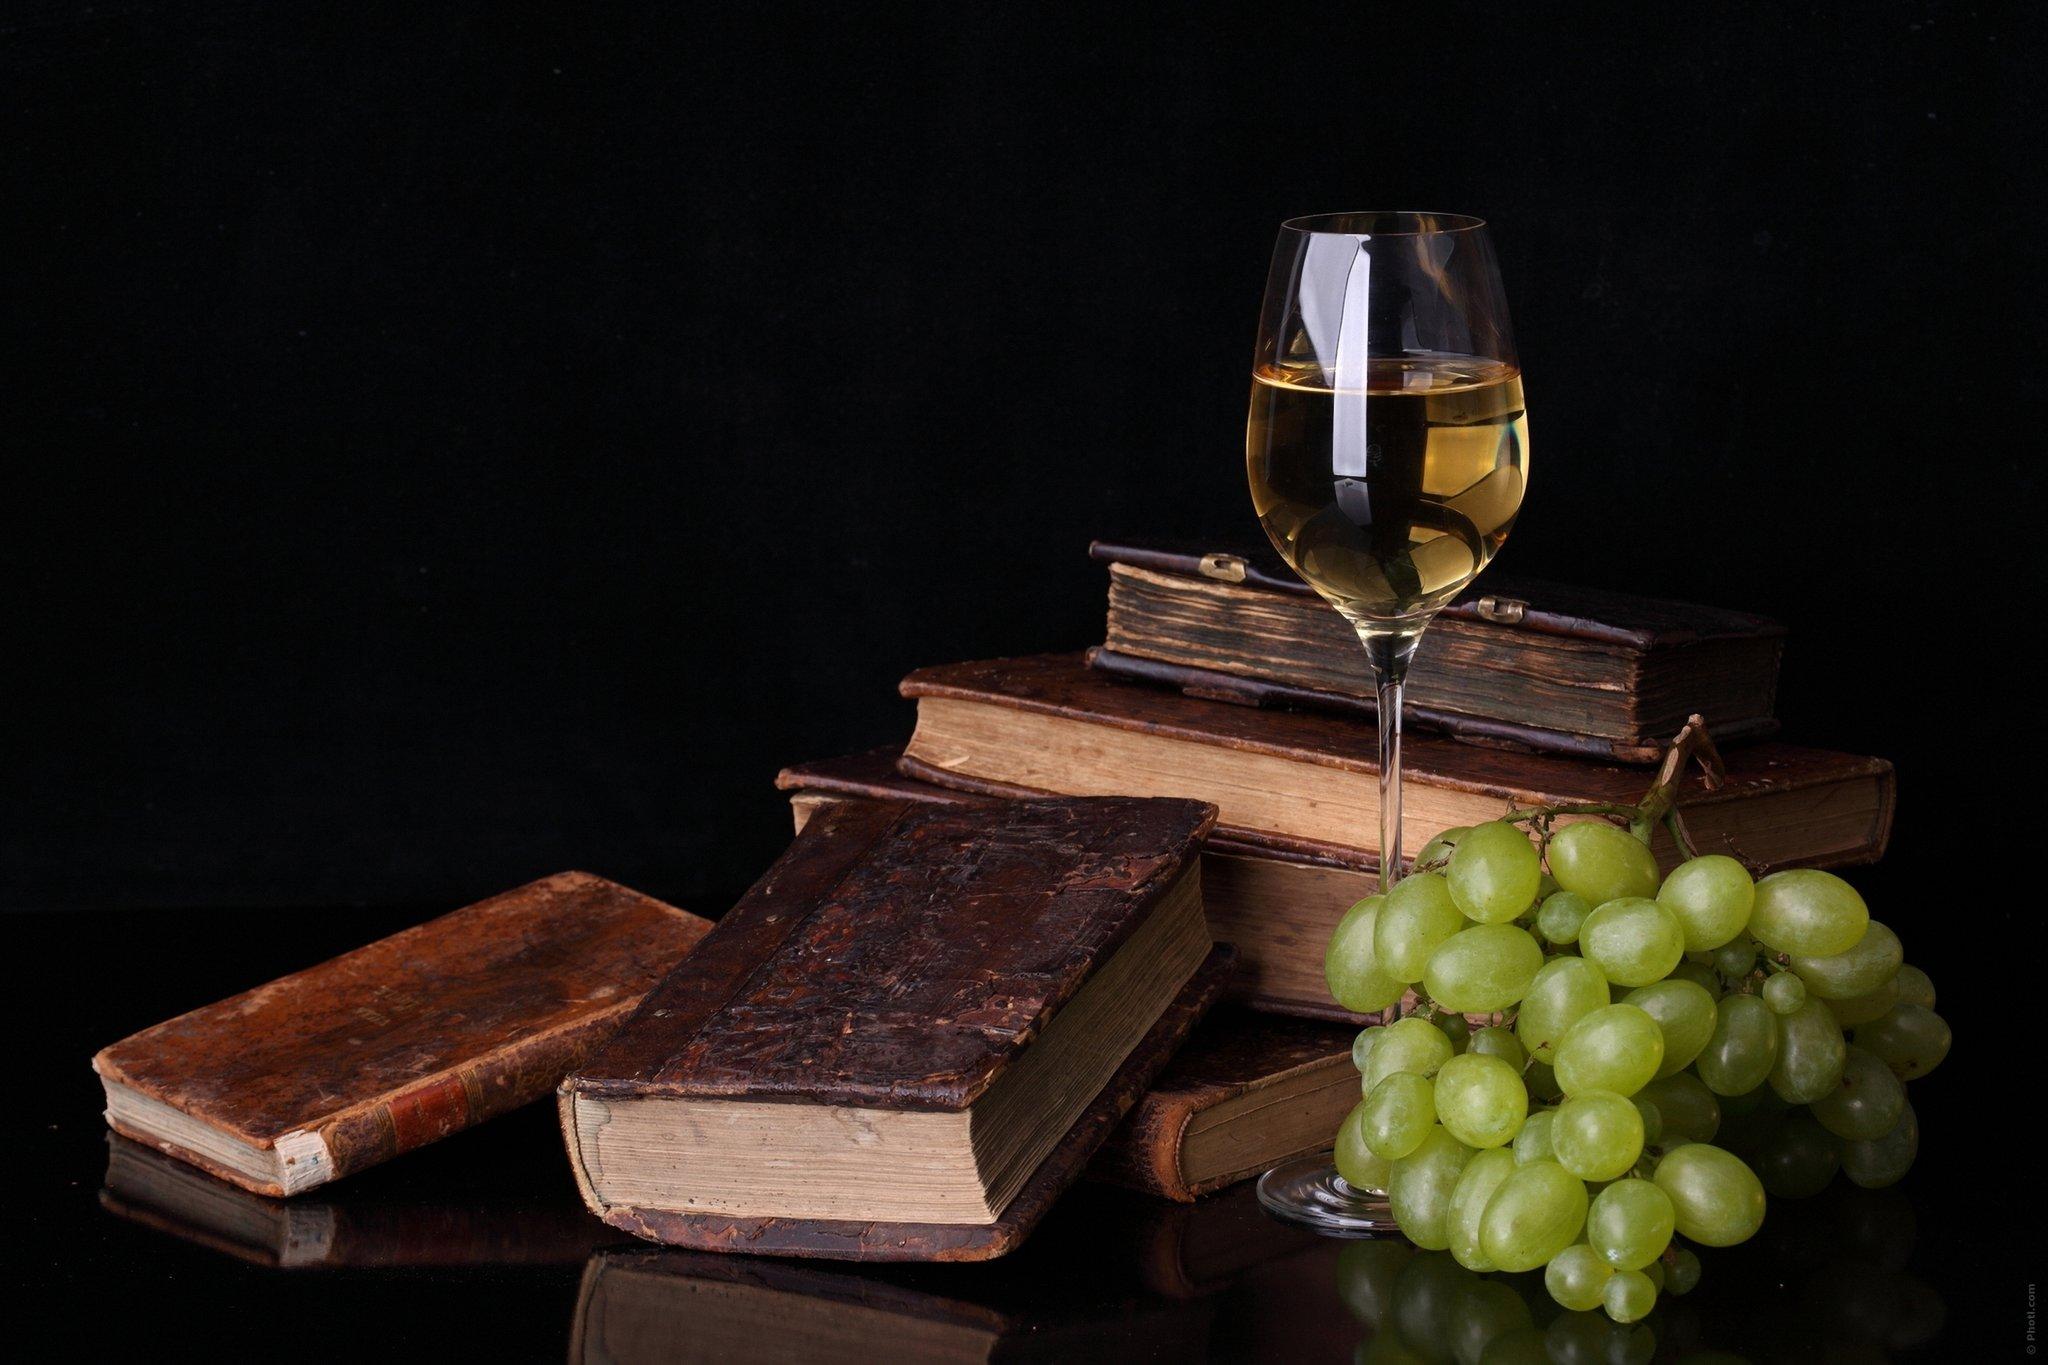 Вино по разным сонникам